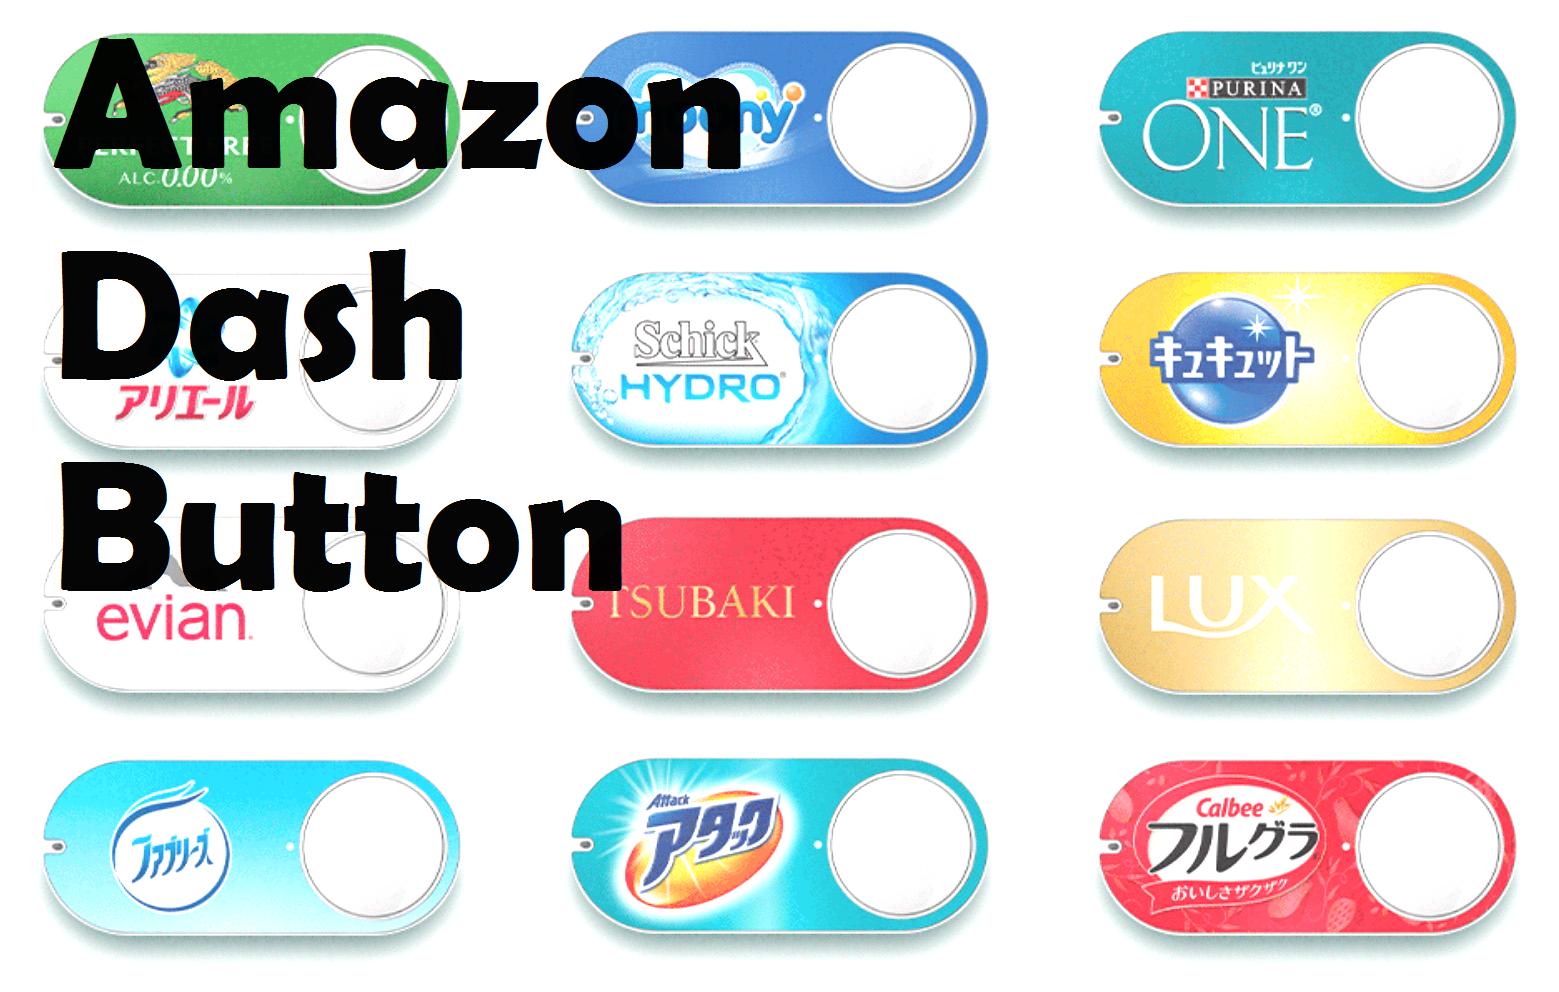 【体験レビュー】アマゾン新宅配サービス「Amazon Dash Button」は便利?使い方・設定方法